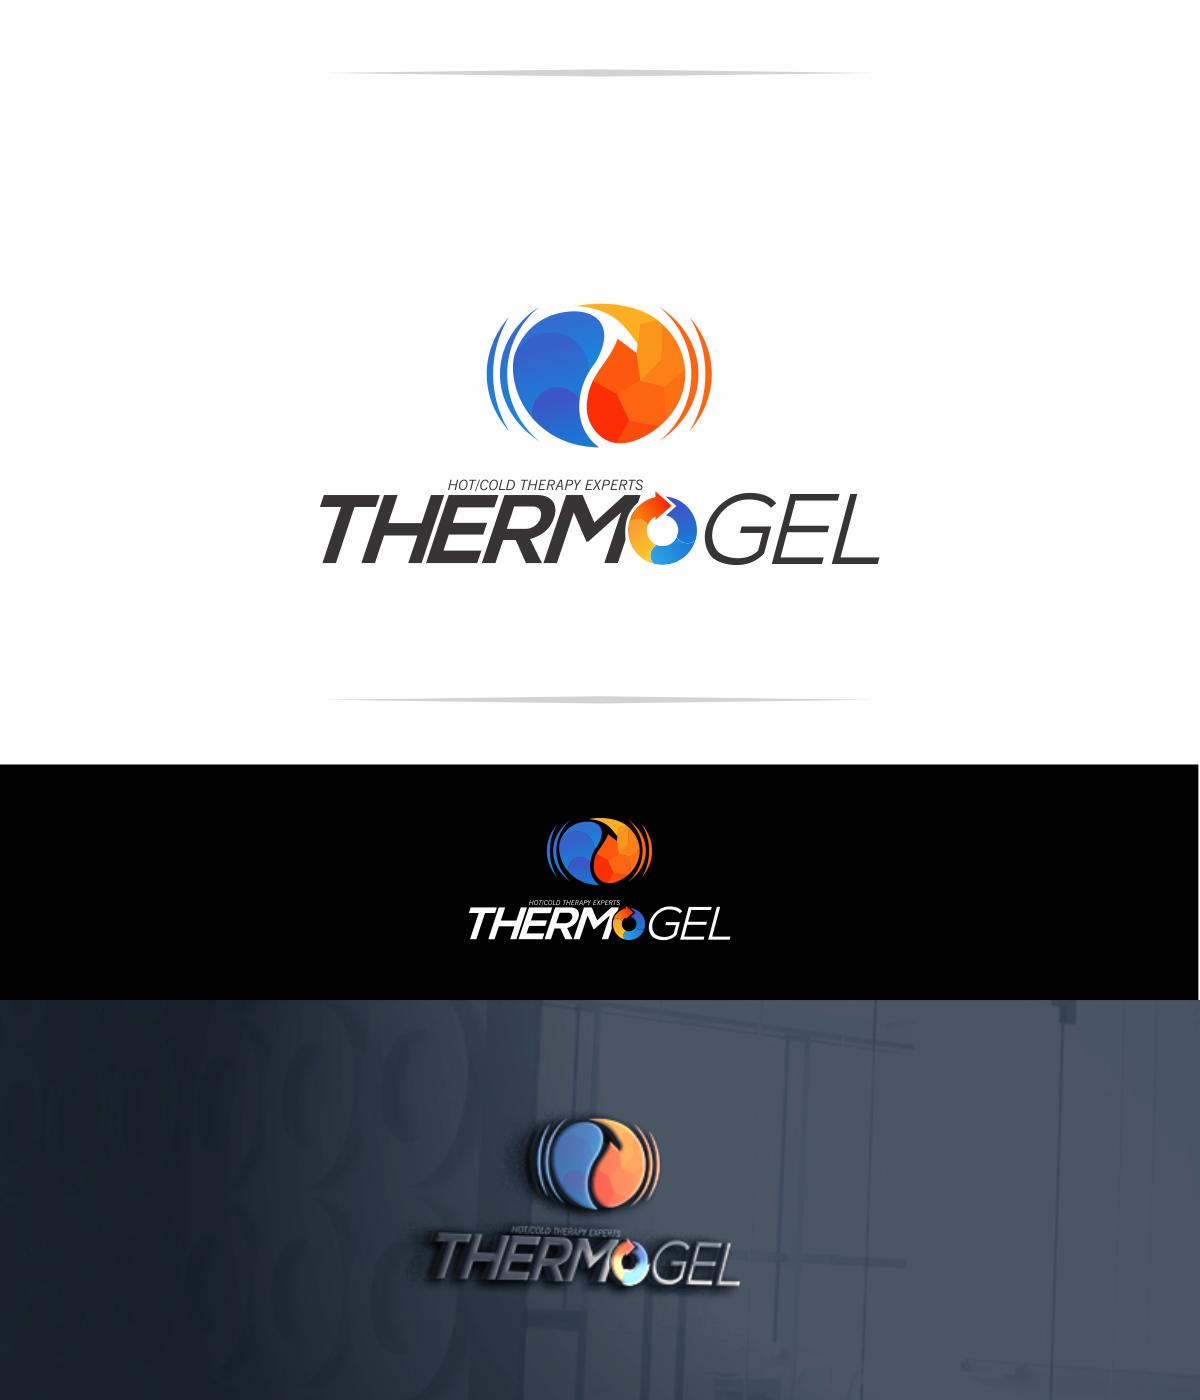 Diseña un logo moderno para Thermo Gel